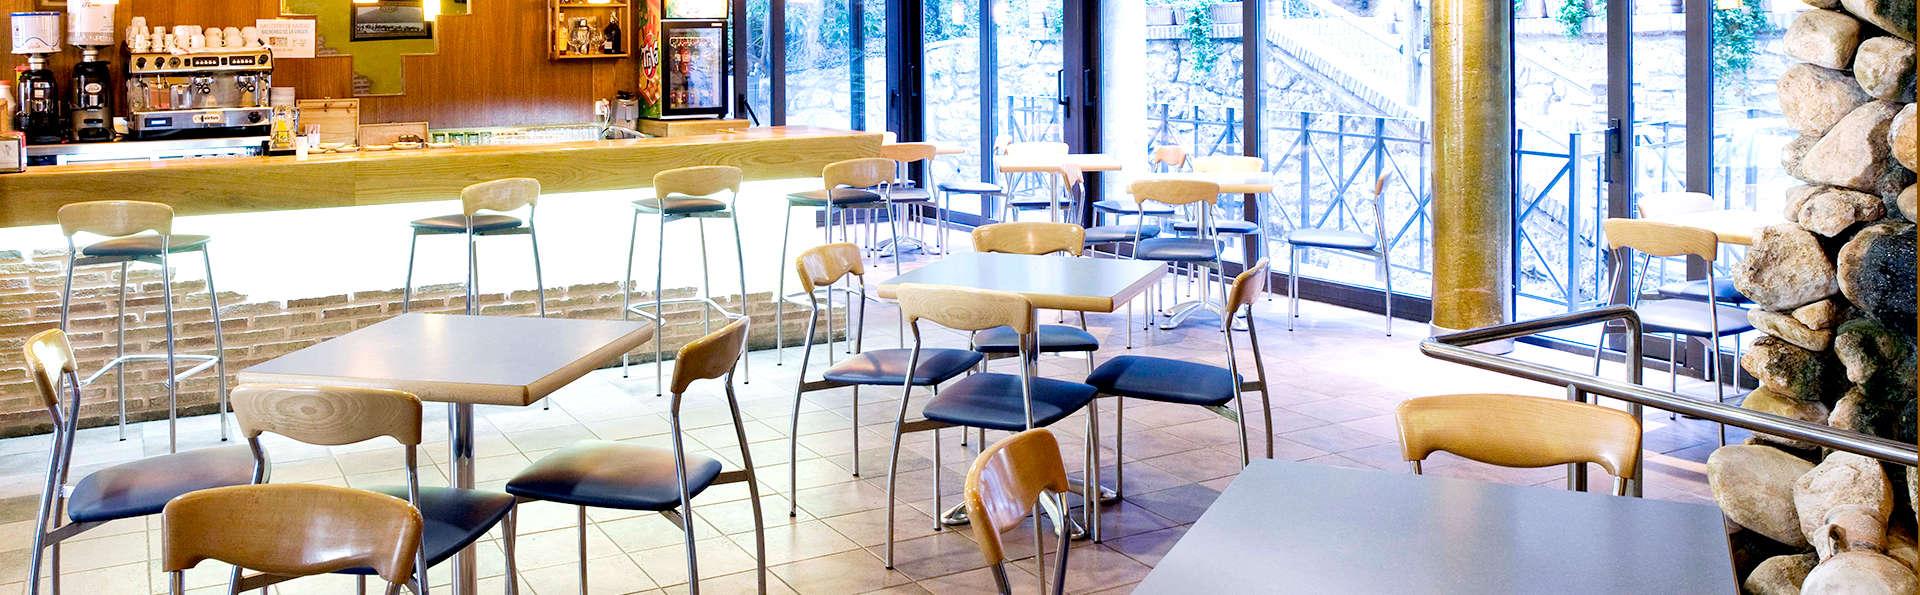 Nuevo Hotel balneario de la Virgen - Edit_Restaurant.jpg